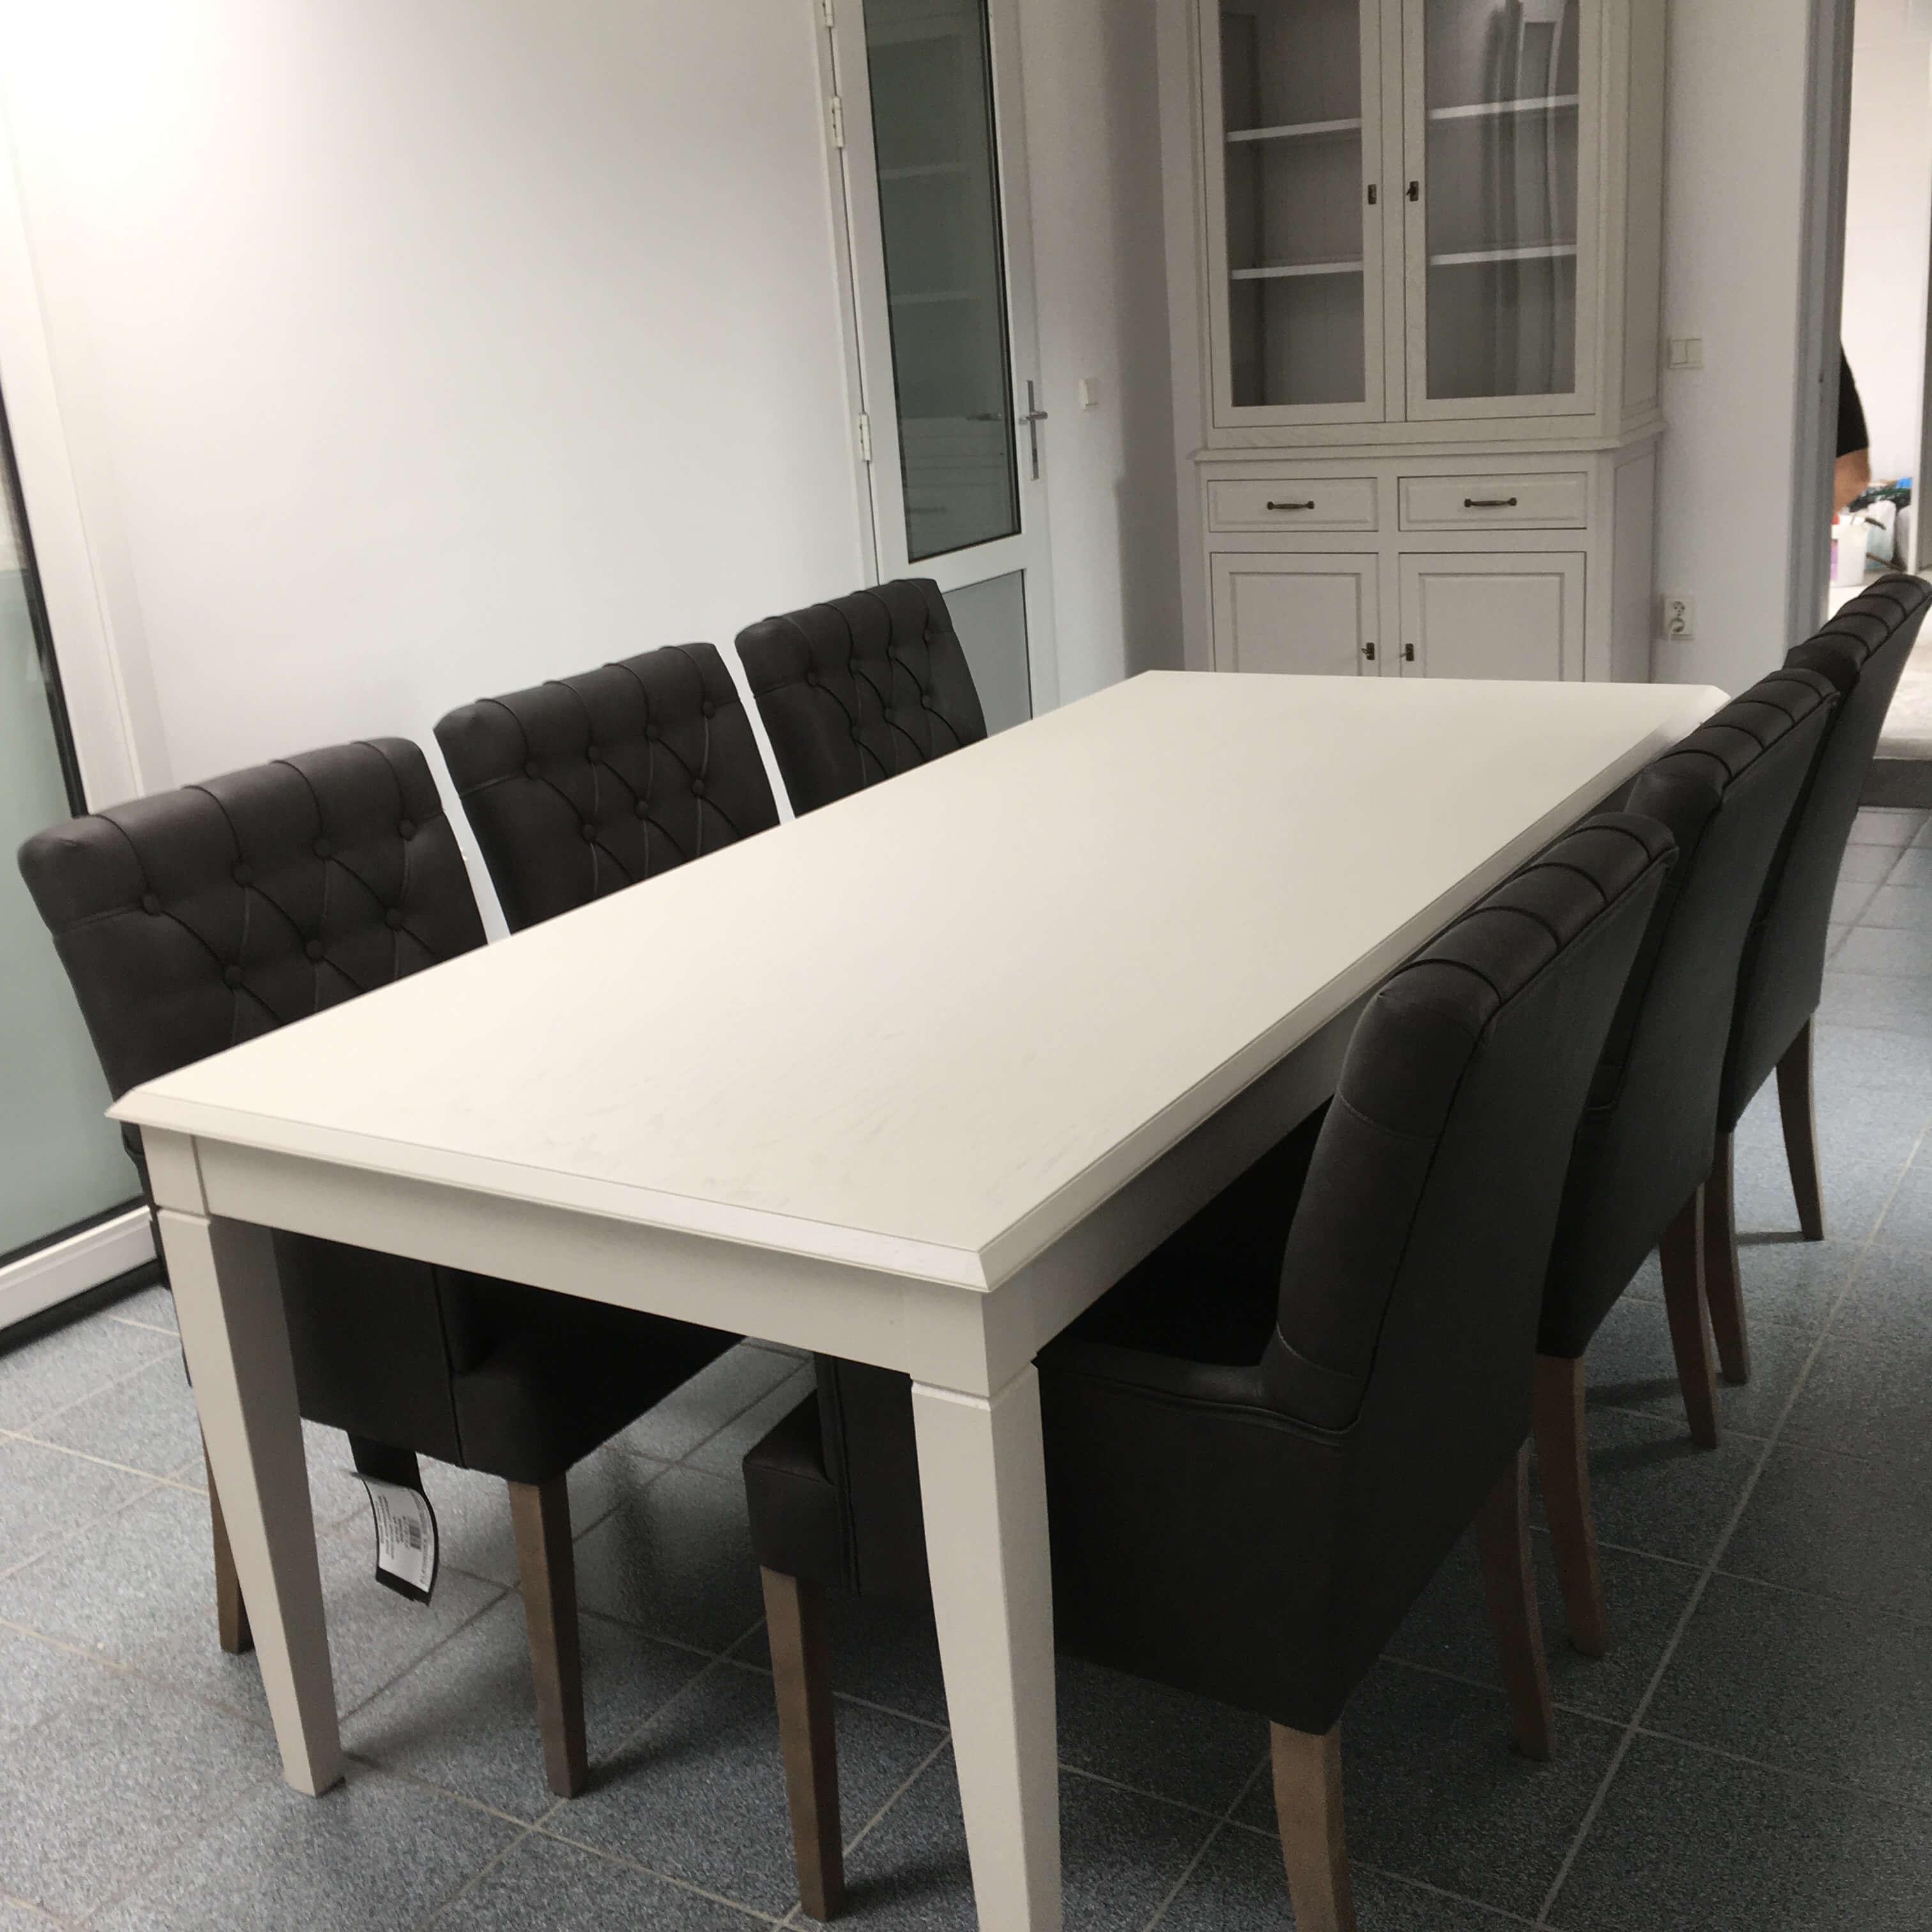 landelijke tafel in eik gelakt en uittrekbaar 1m90 x95 cm naar 2m50